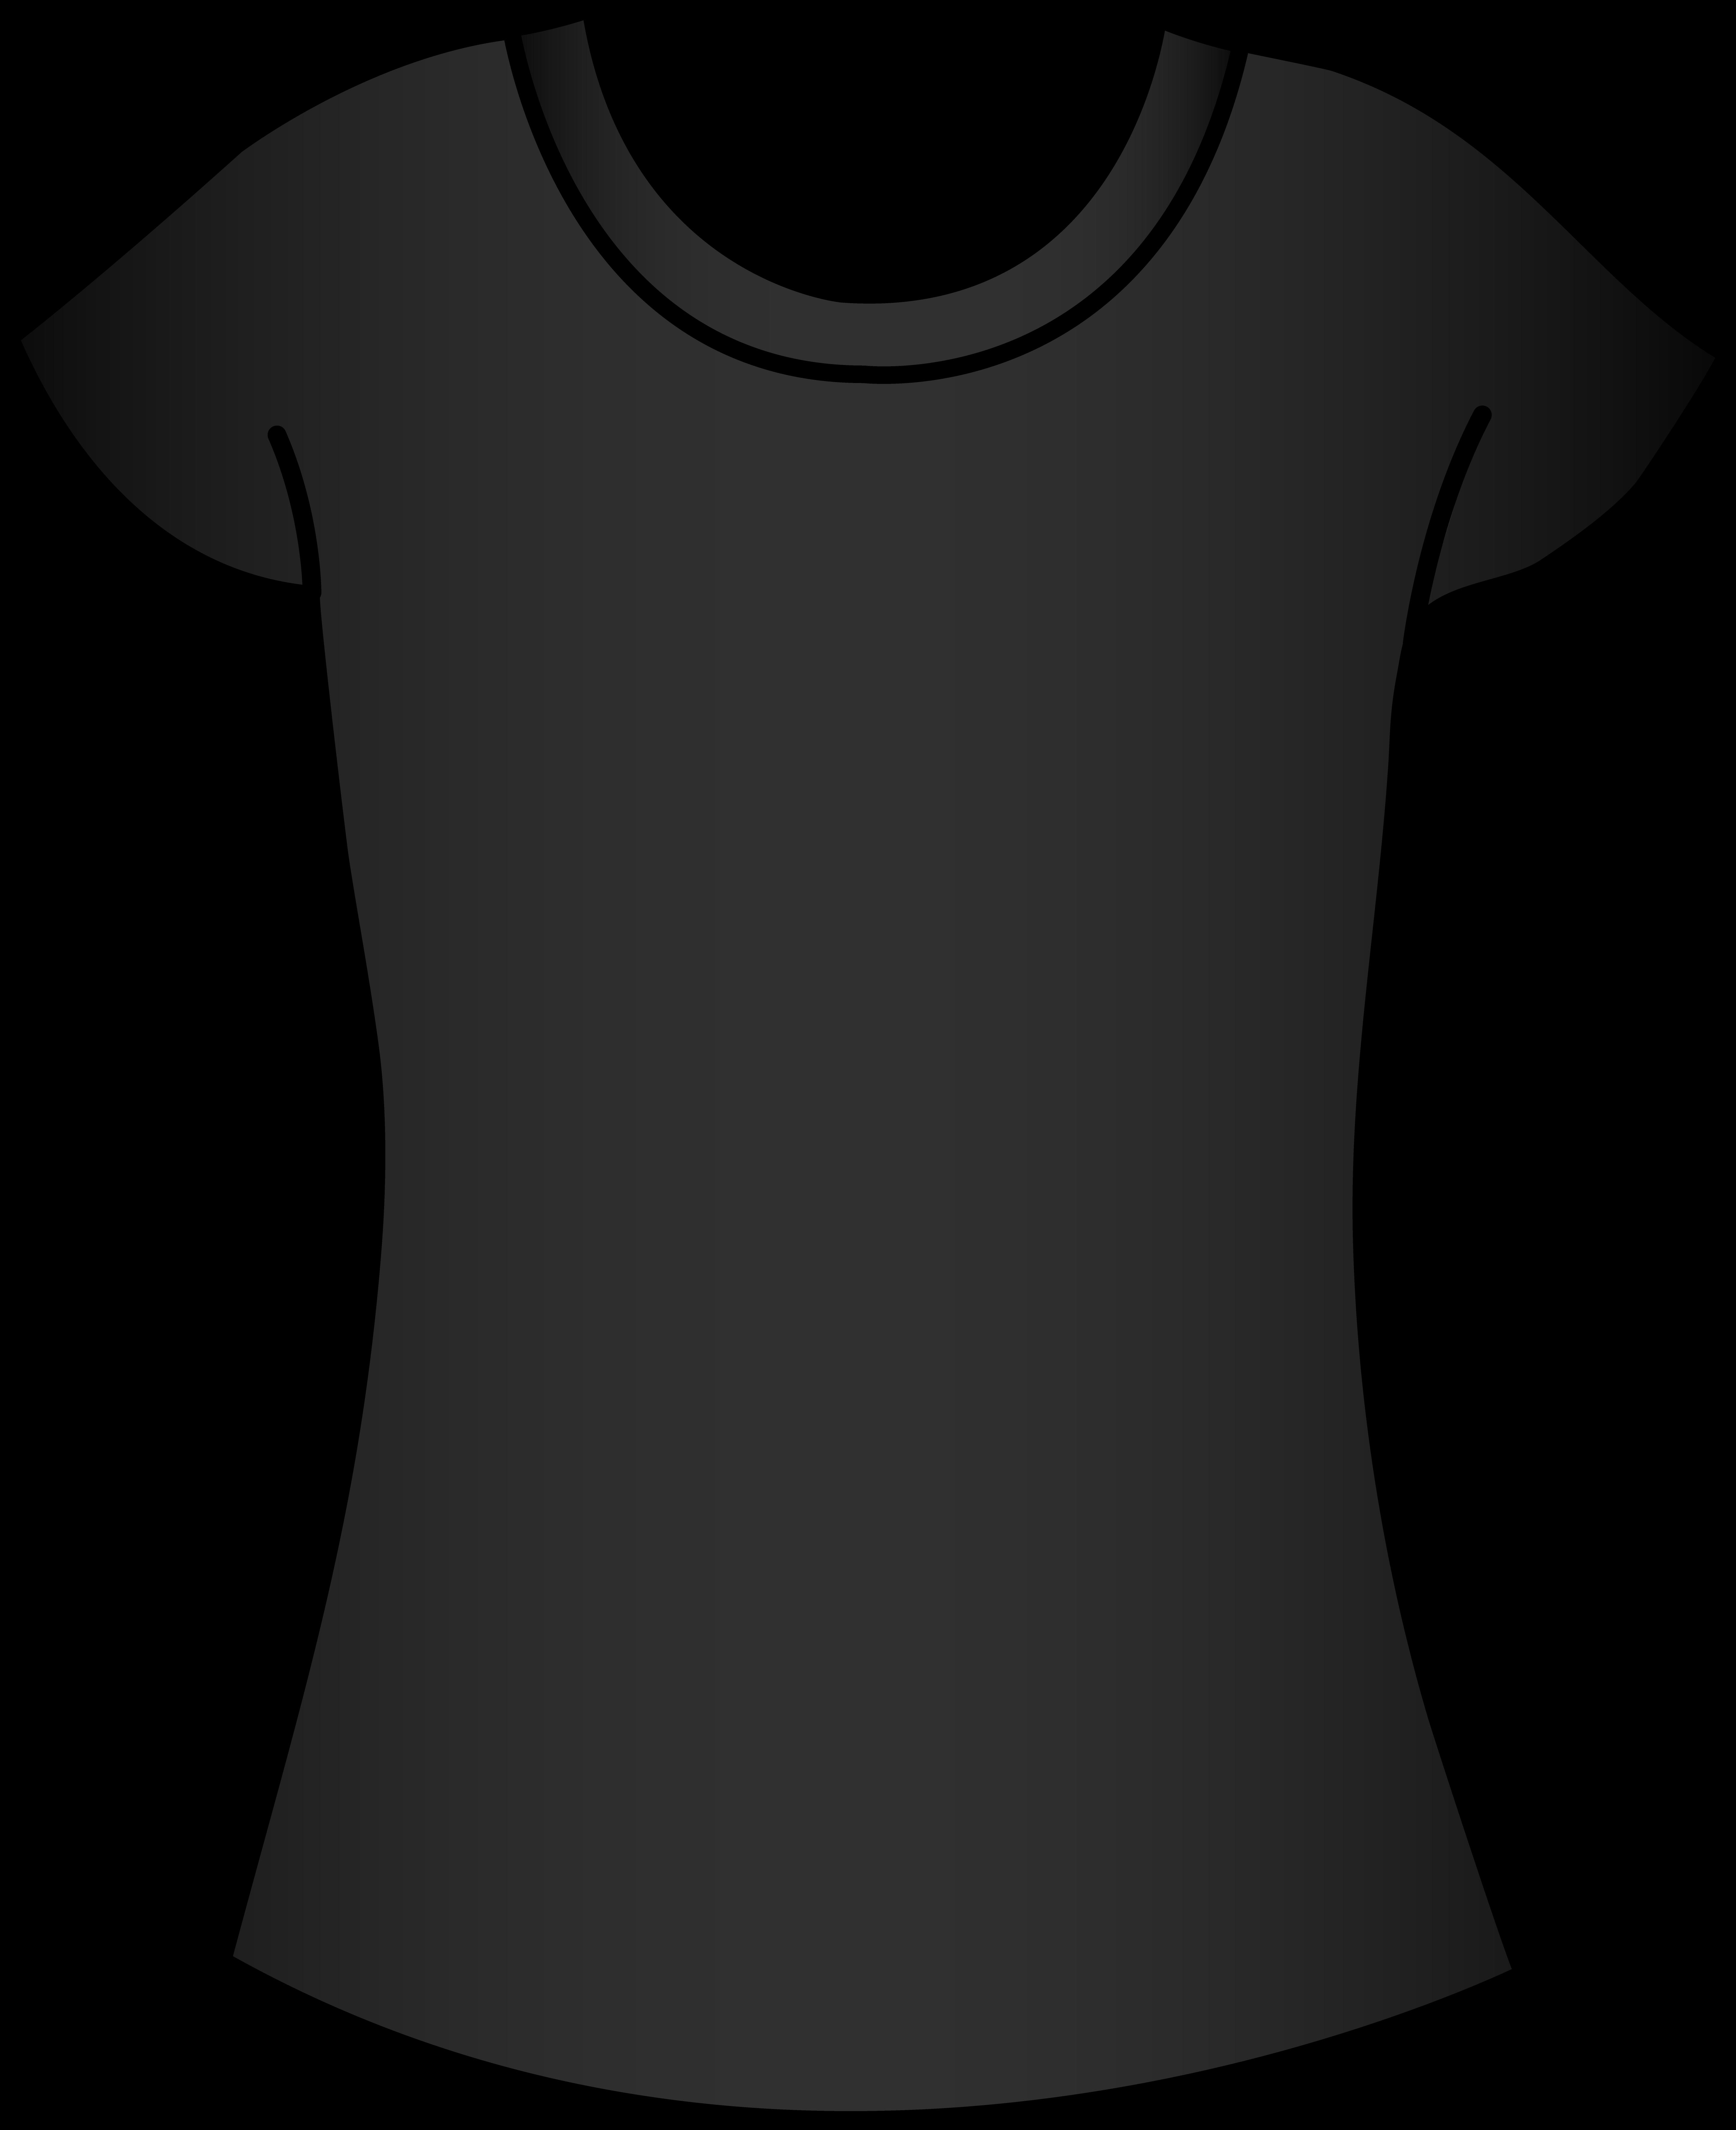 Clipart shirt gray shirt. Womens black t template